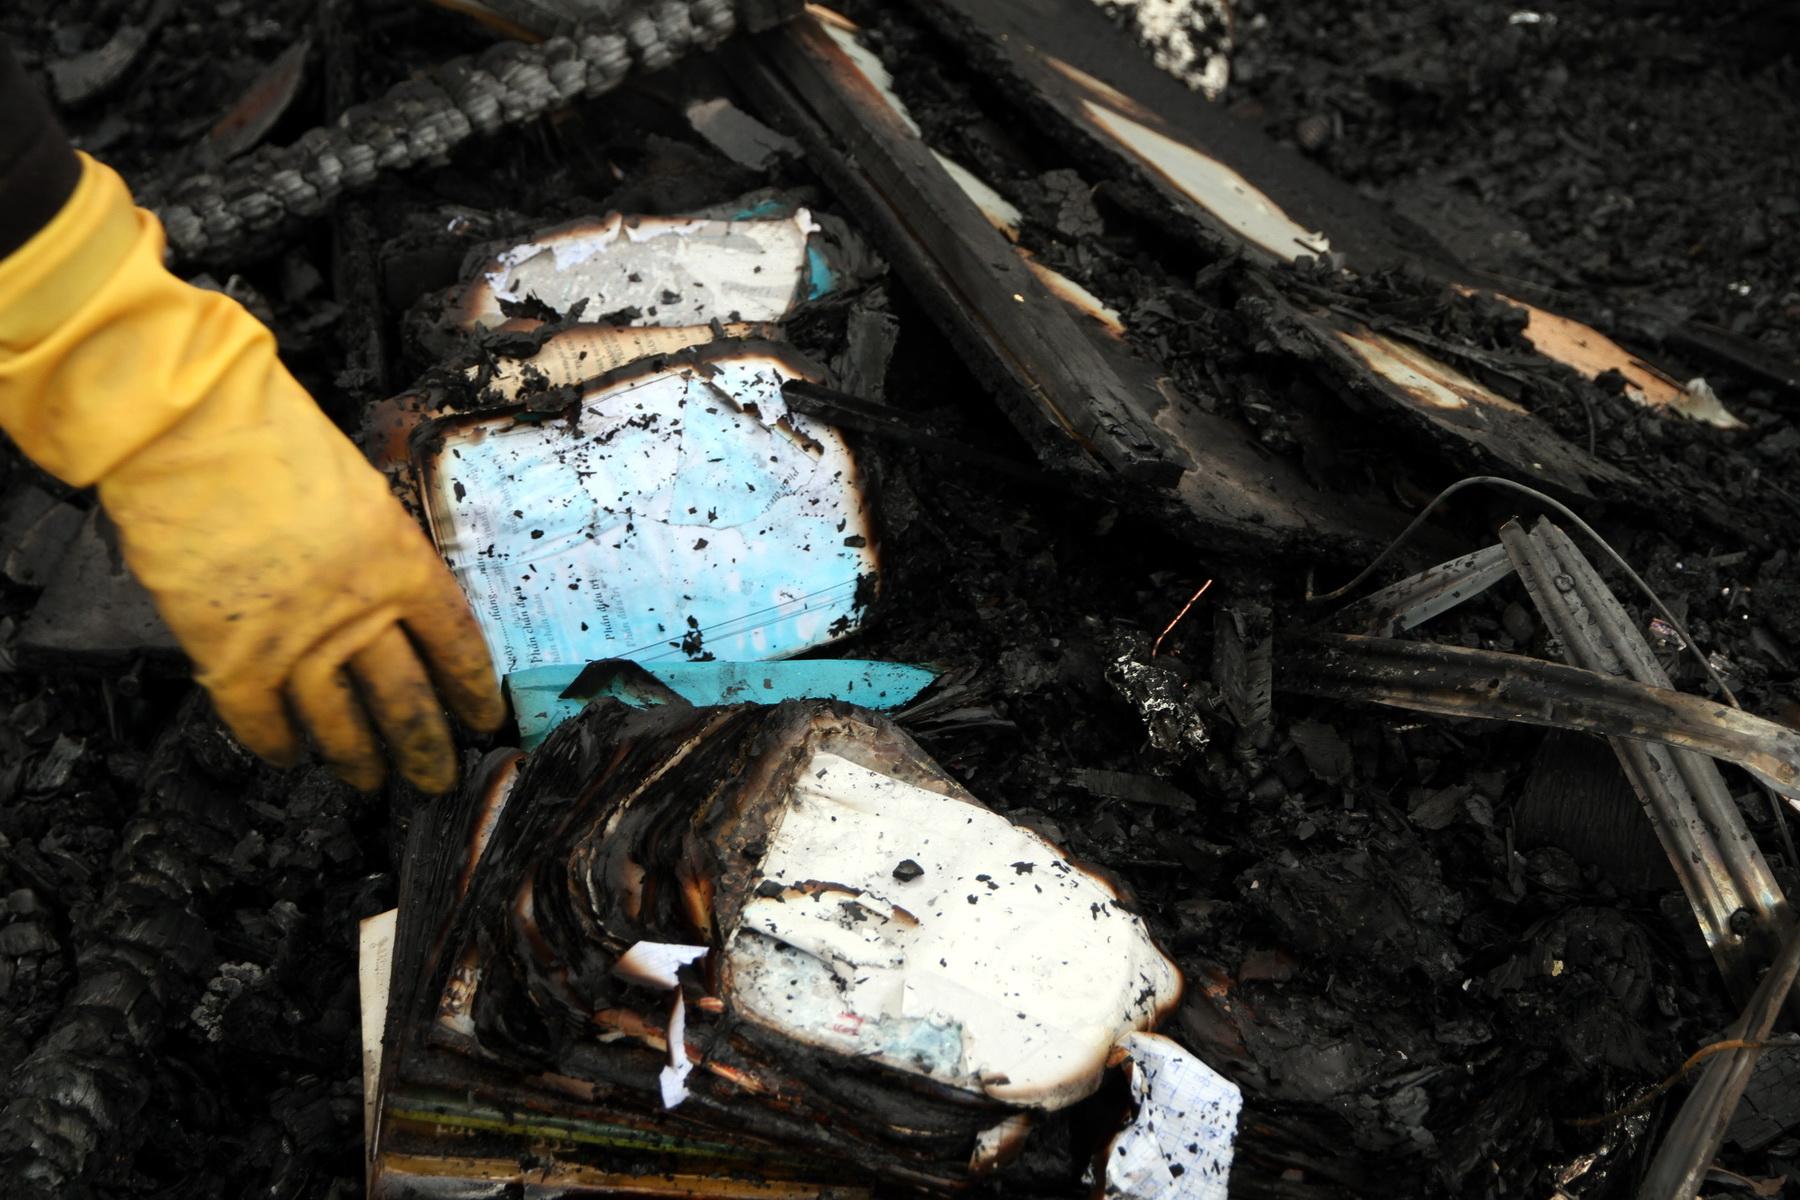 Sách vở của hai đứa con bị cháy sạch